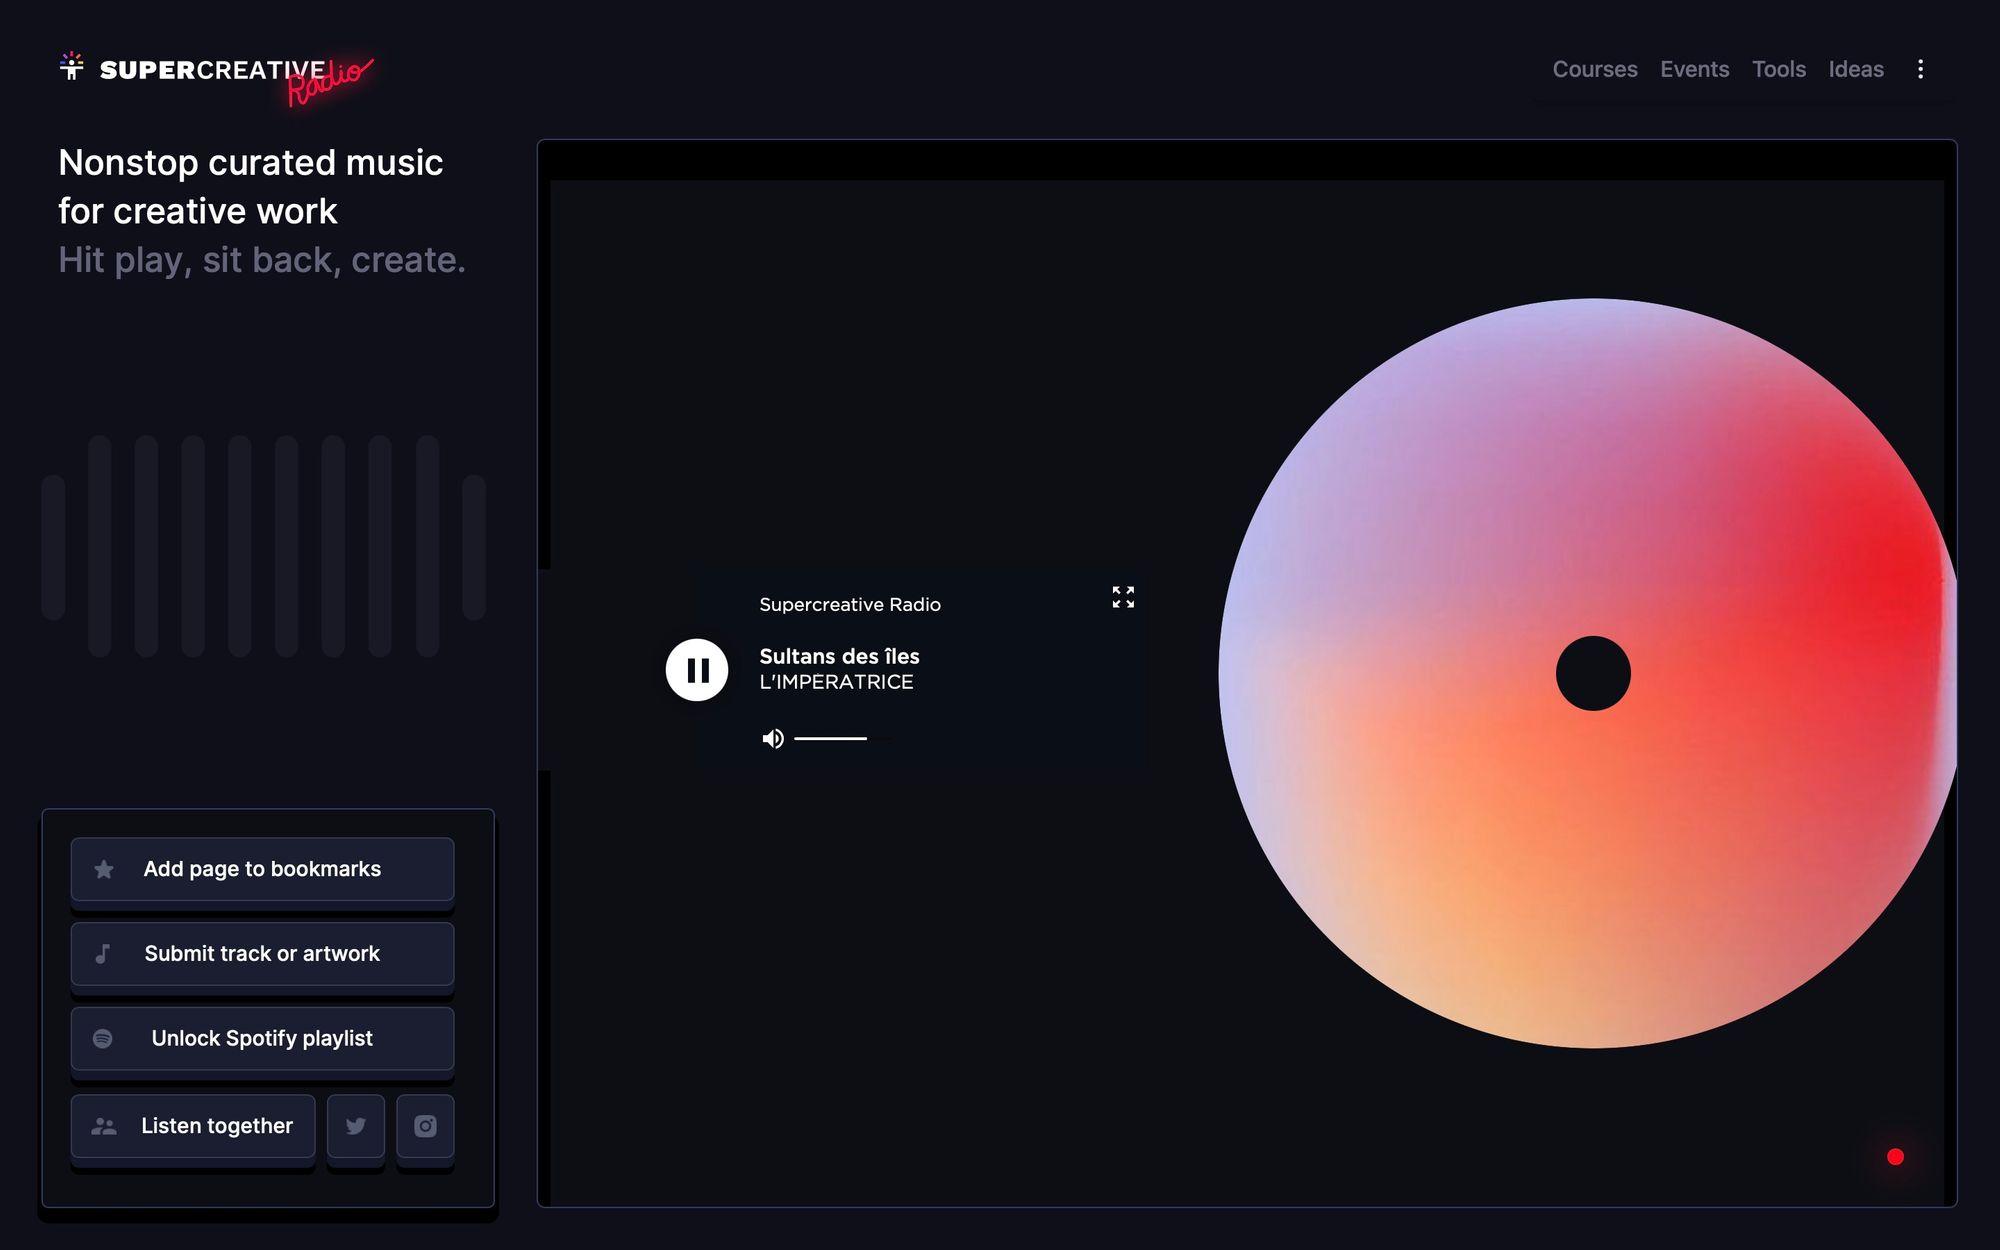 Supercreative онлайн радио для дизайнеров